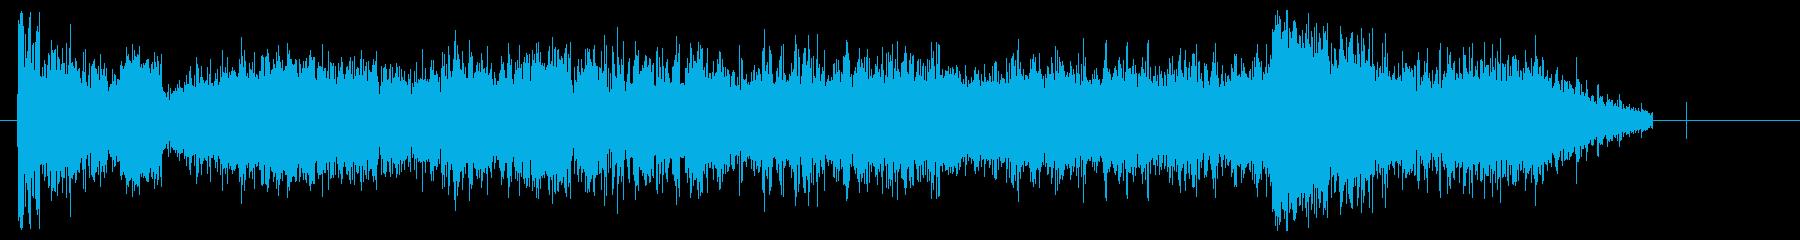 サッカーファンチャンピオンの再生済みの波形